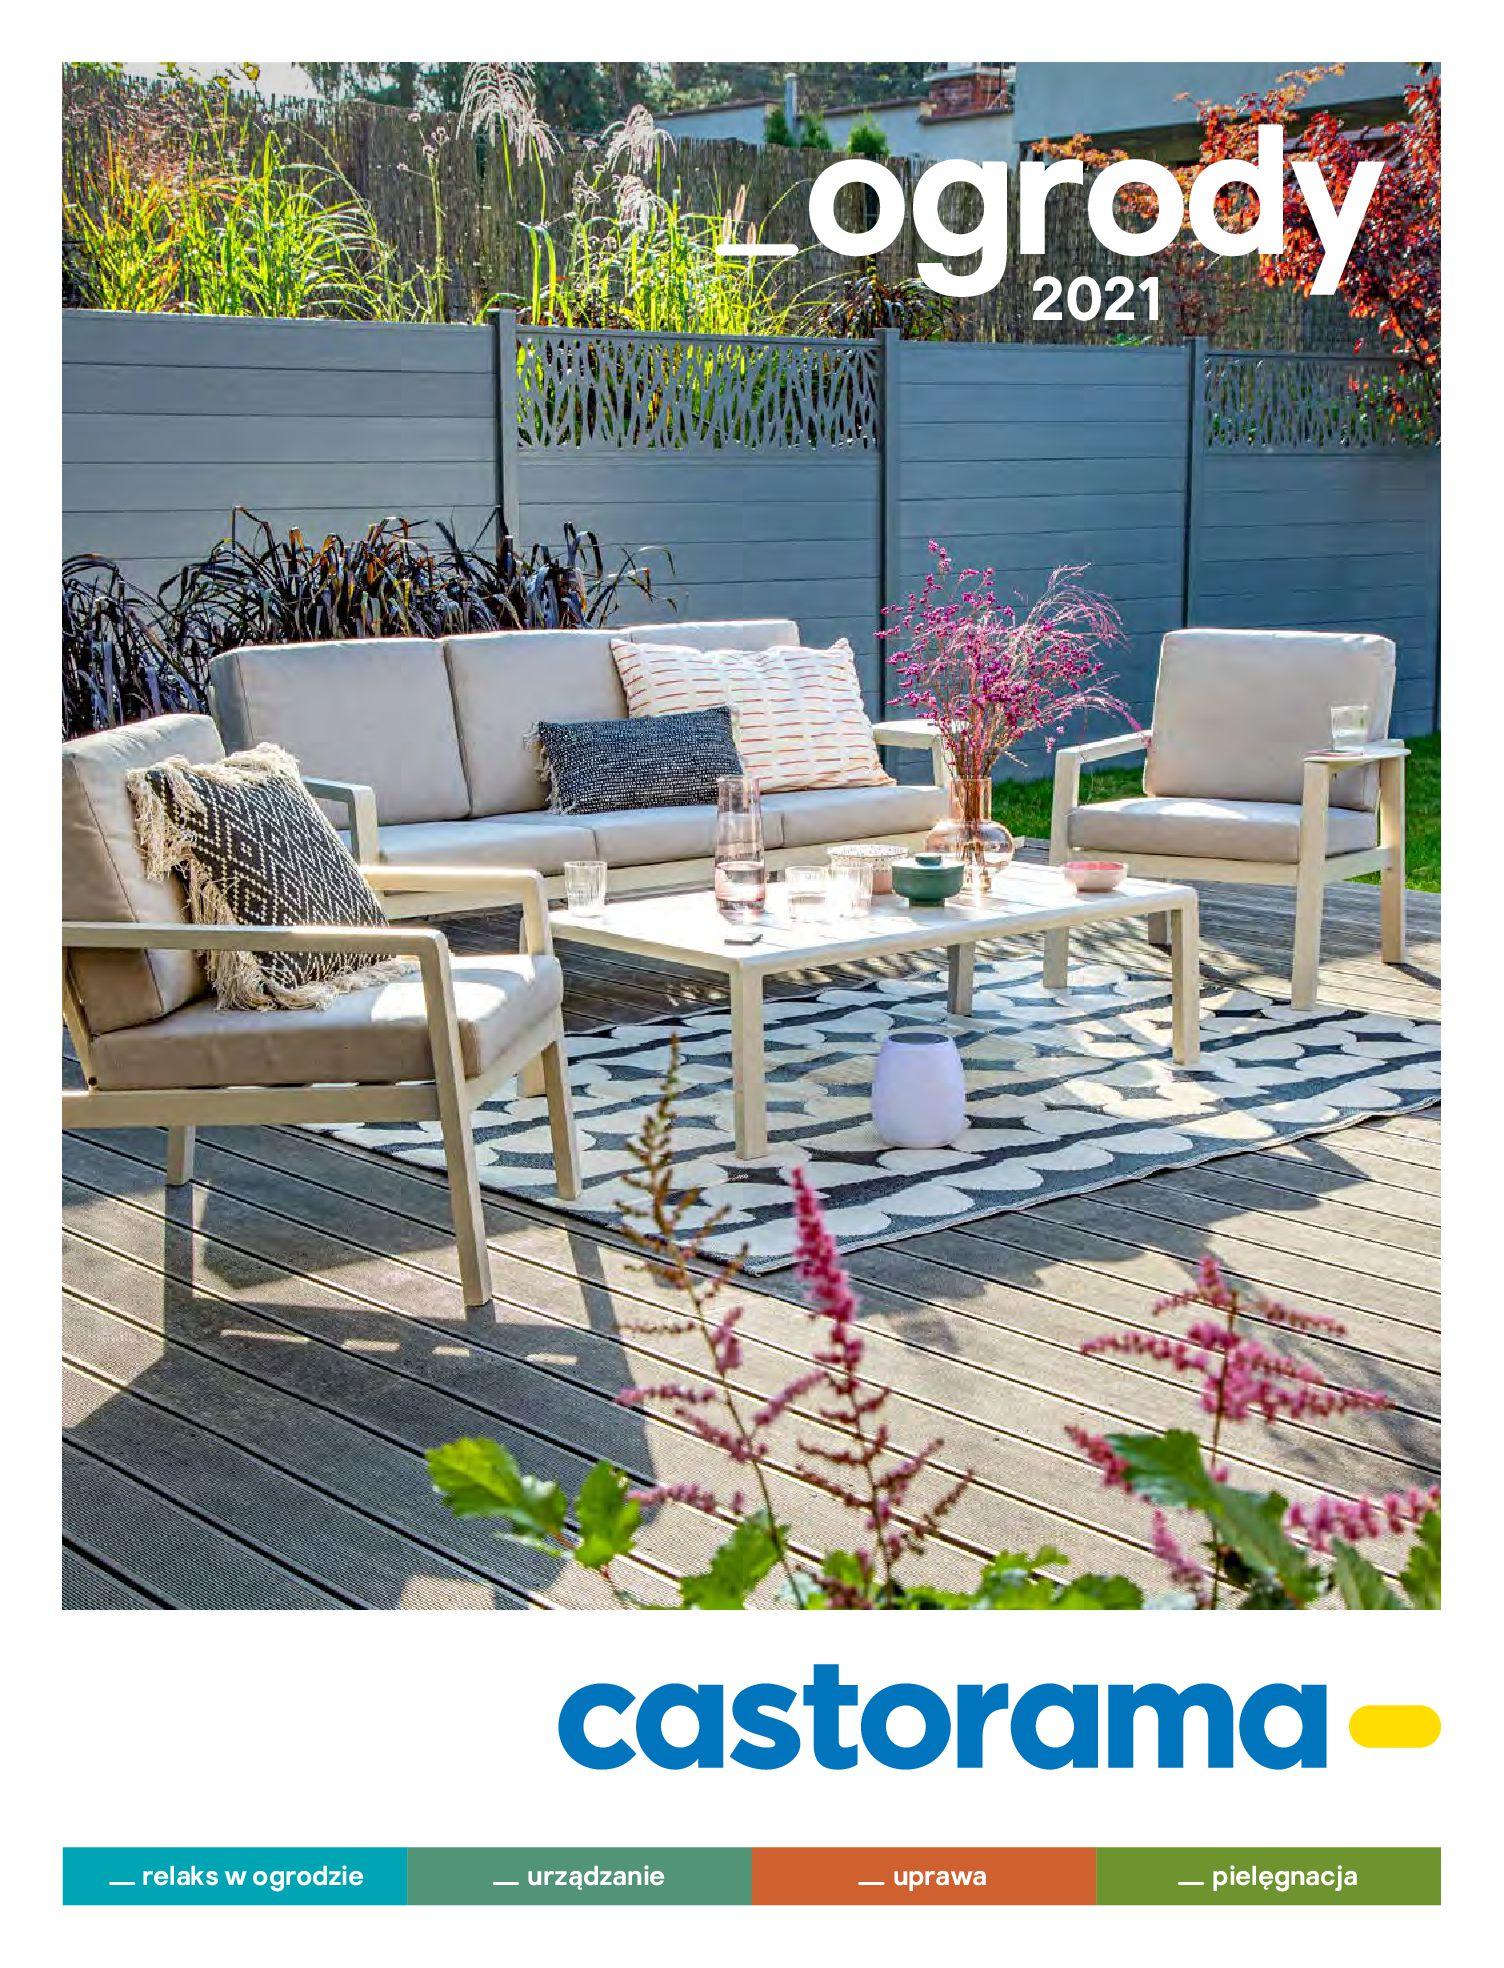 Castorama:  Katalog ogrody 28.02.2021